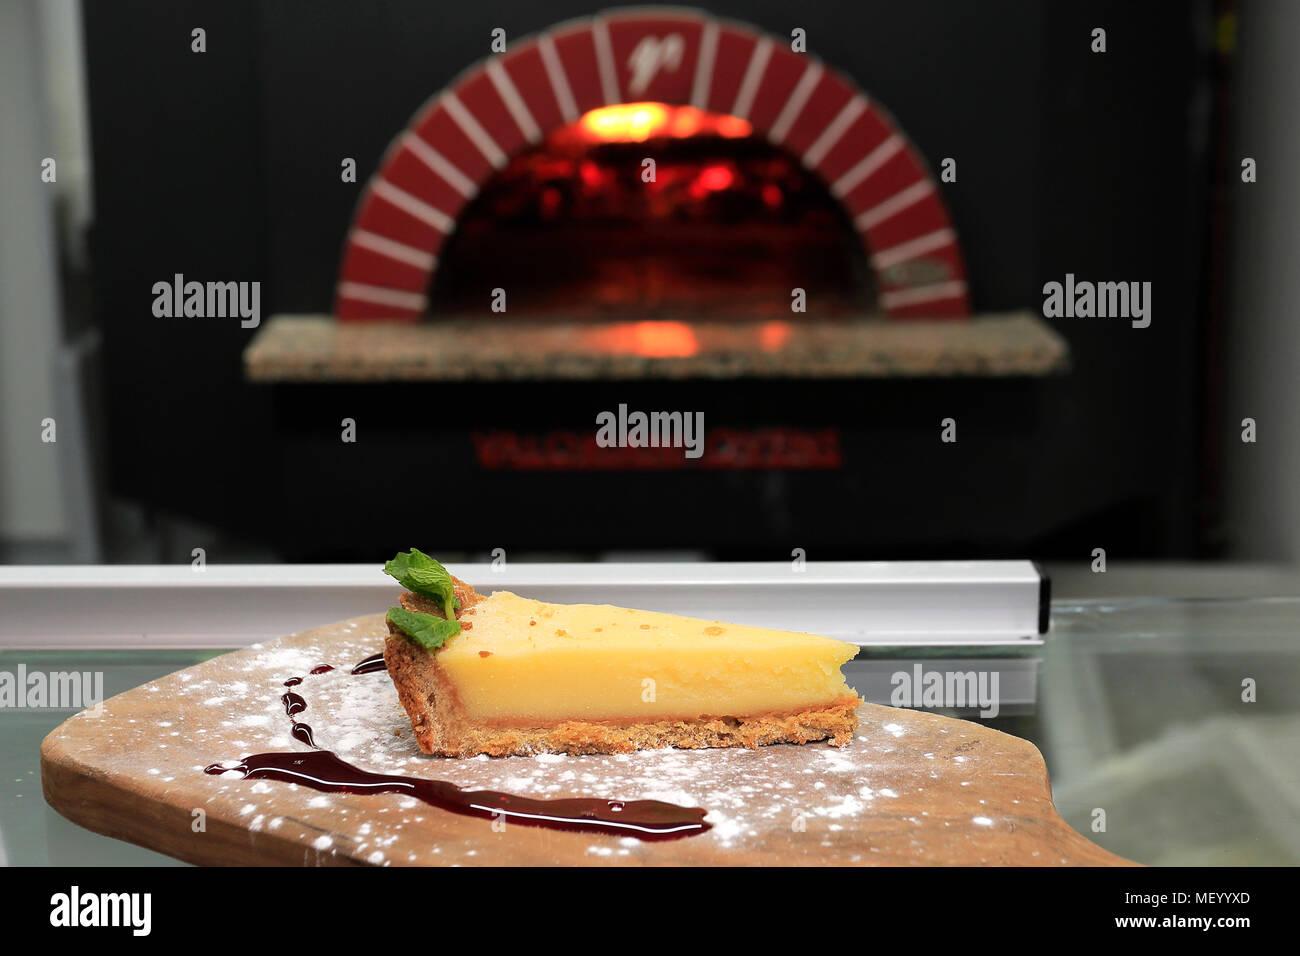 Tranche de citron Cheesecake, dans le cadre d'un restaurant Photo Stock